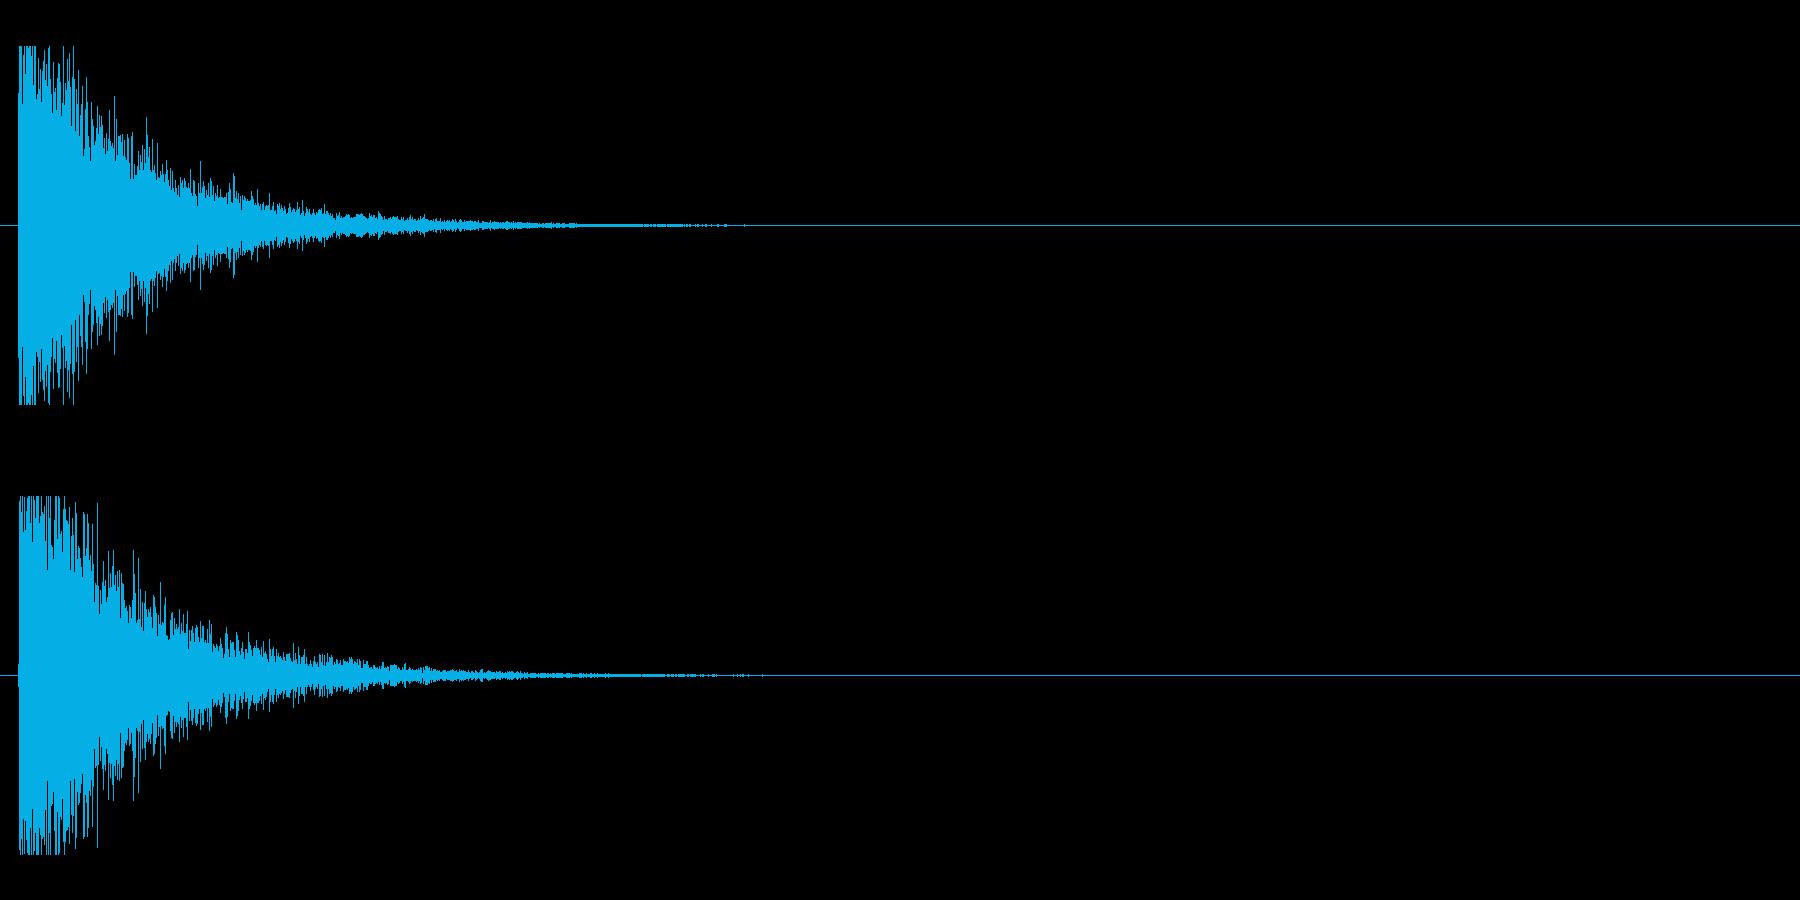 レーザー音-143-1の再生済みの波形